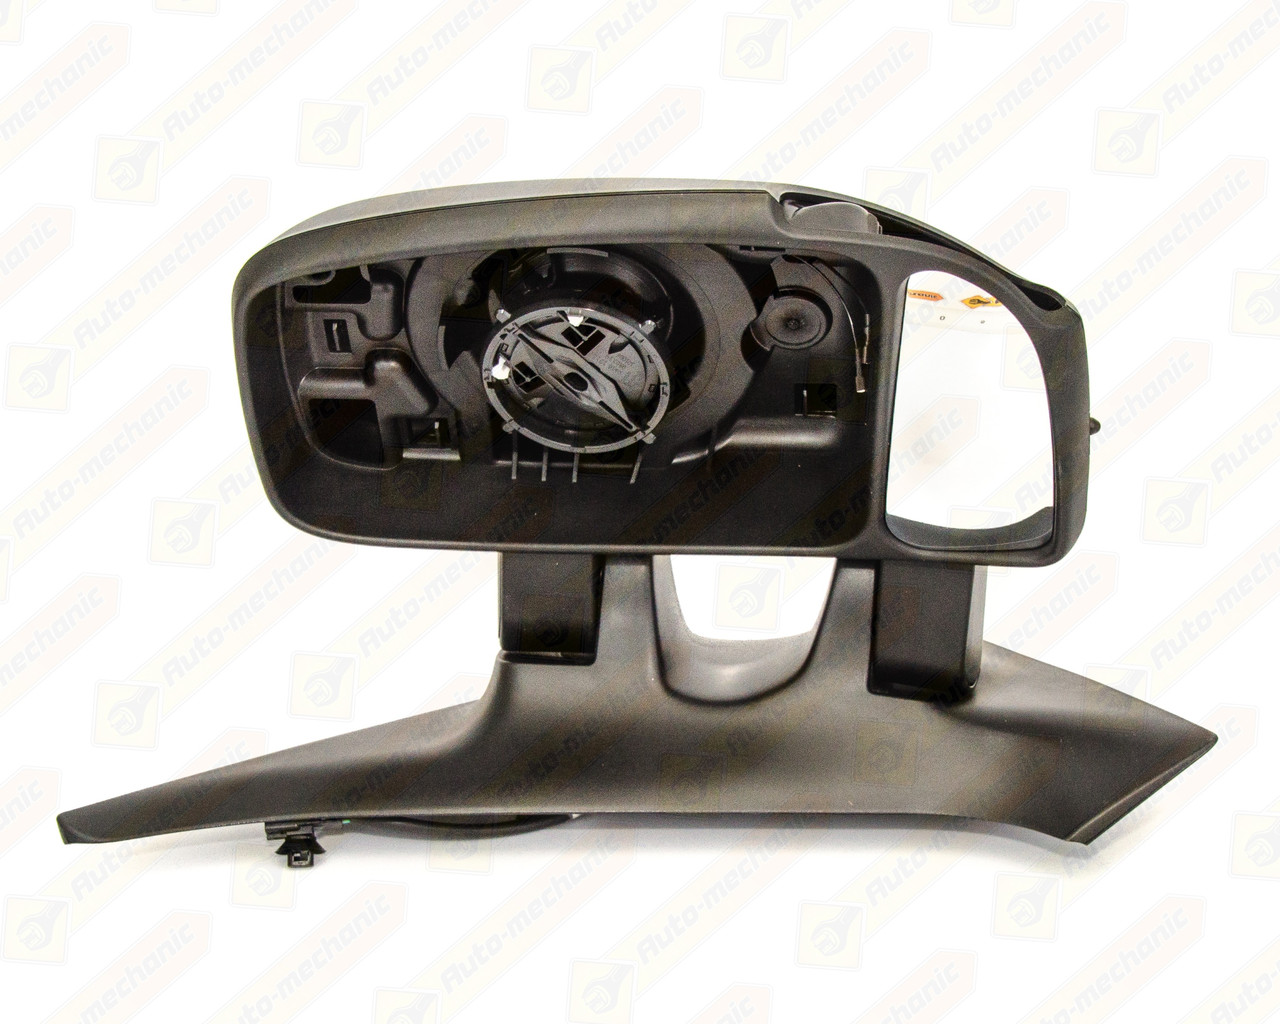 Наружное зеркало заднего вида (R, правое) на Renault Master III 2010-> — Renault (Оригинал) - 963016903R